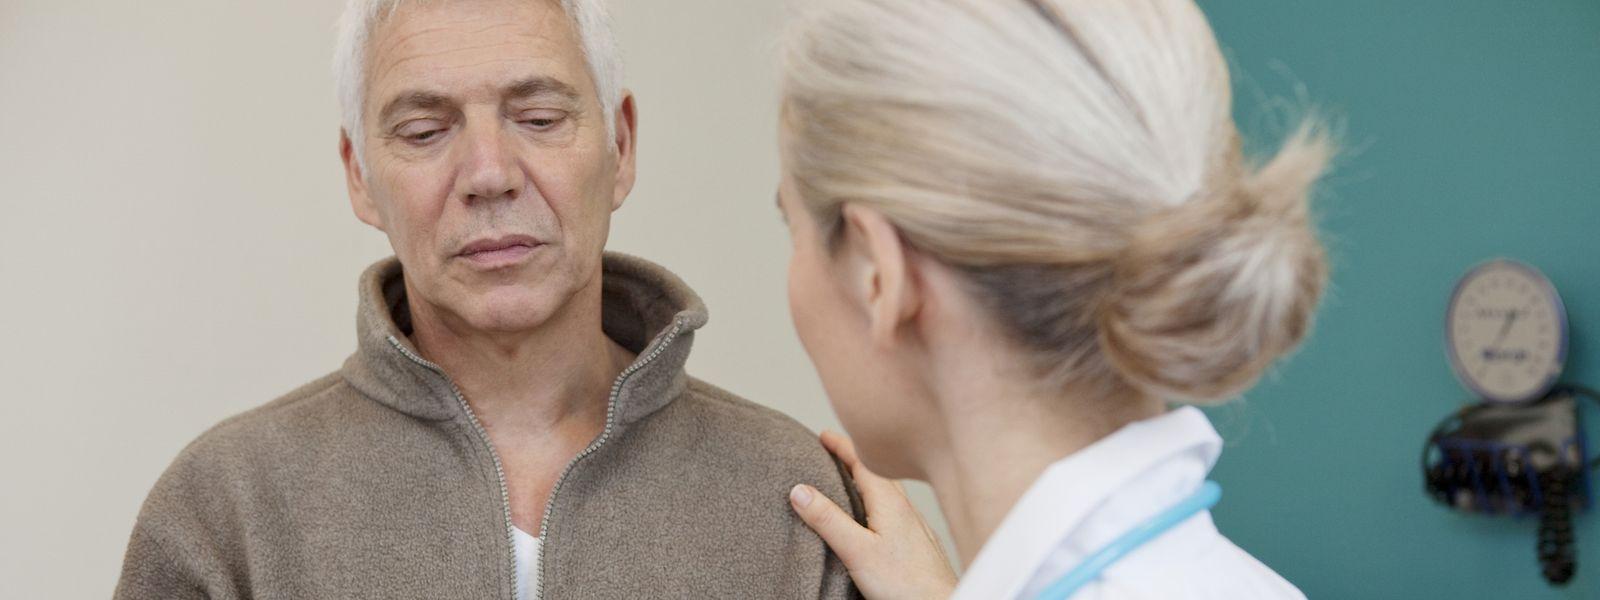 Plus de 150 messieurs décèdent en moyenne du cancer des poumons, chaque année au Luxembourg. C'est le cancer à l'origine du plus grand nombre de décès.